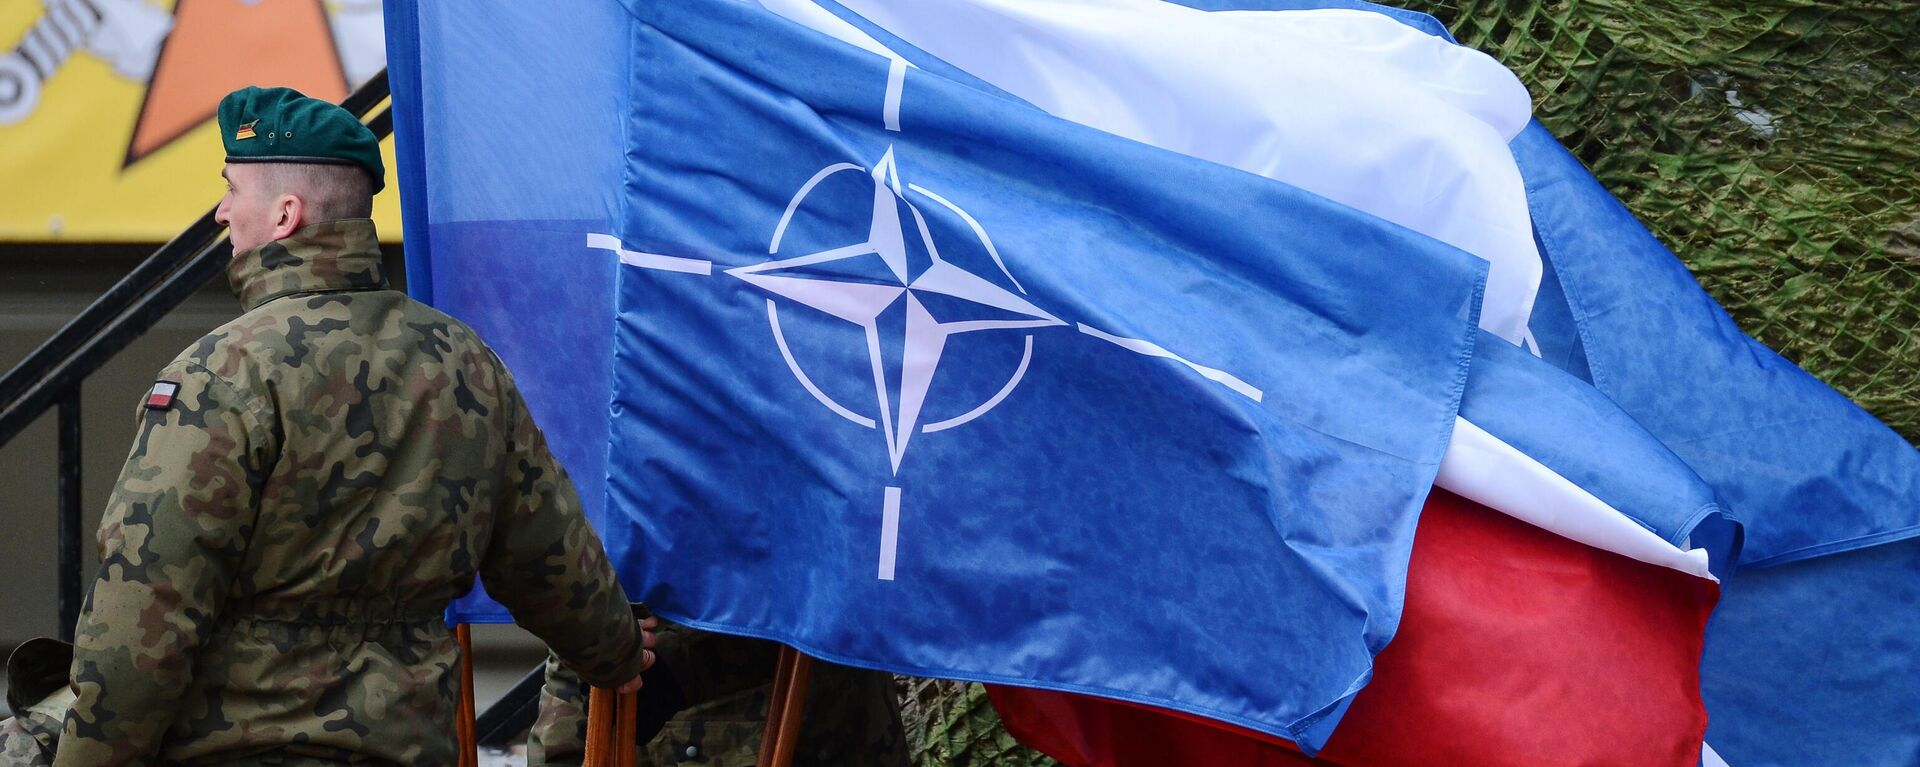 Флаг НАТО - Sputnik Таджикистан, 1920, 16.06.2021